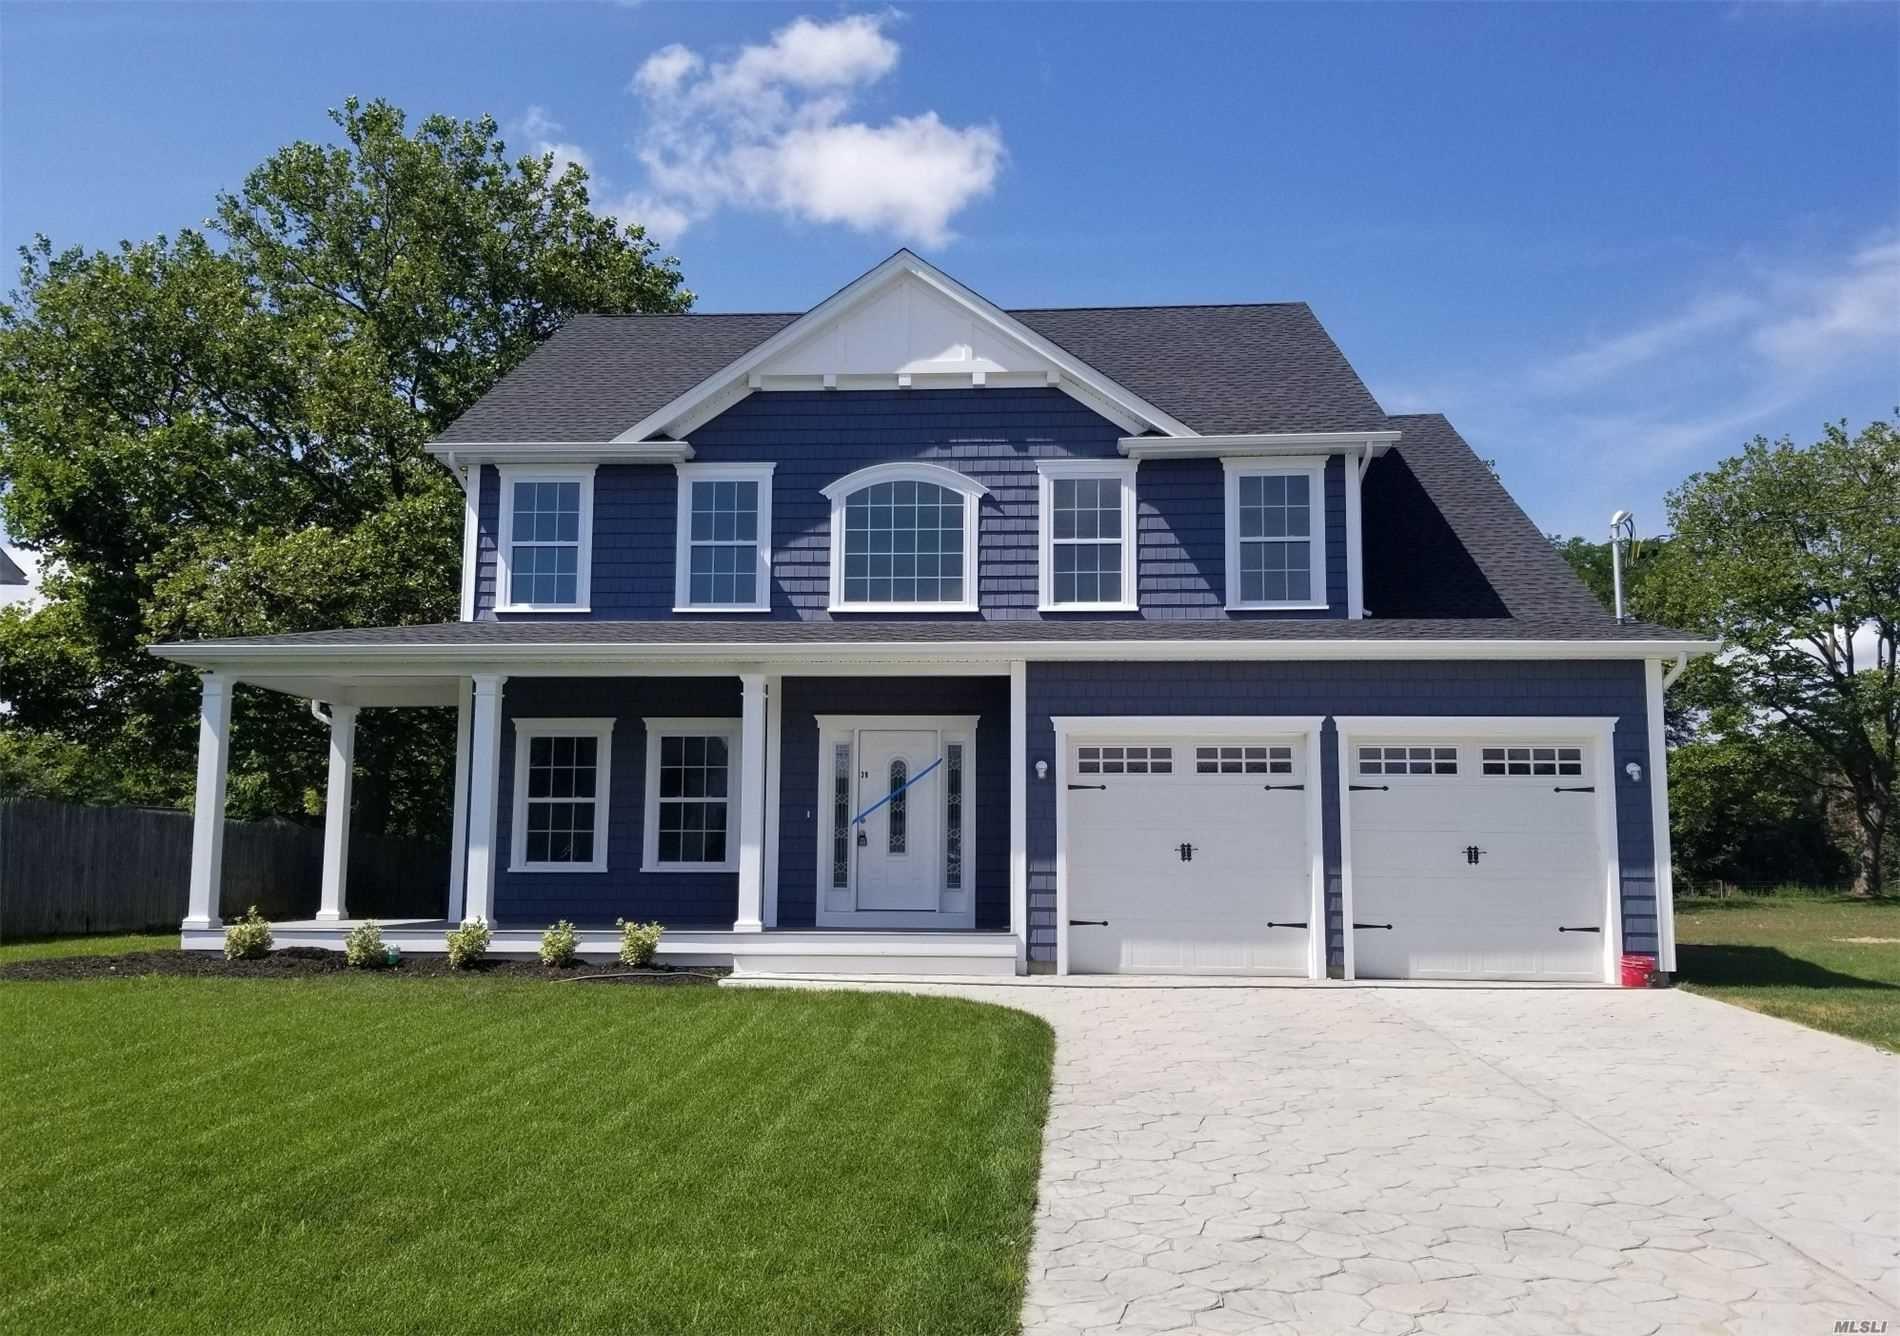 Lot 2 Avenue F, Ronkonkoma, NY 11779 - MLS#: 3209192